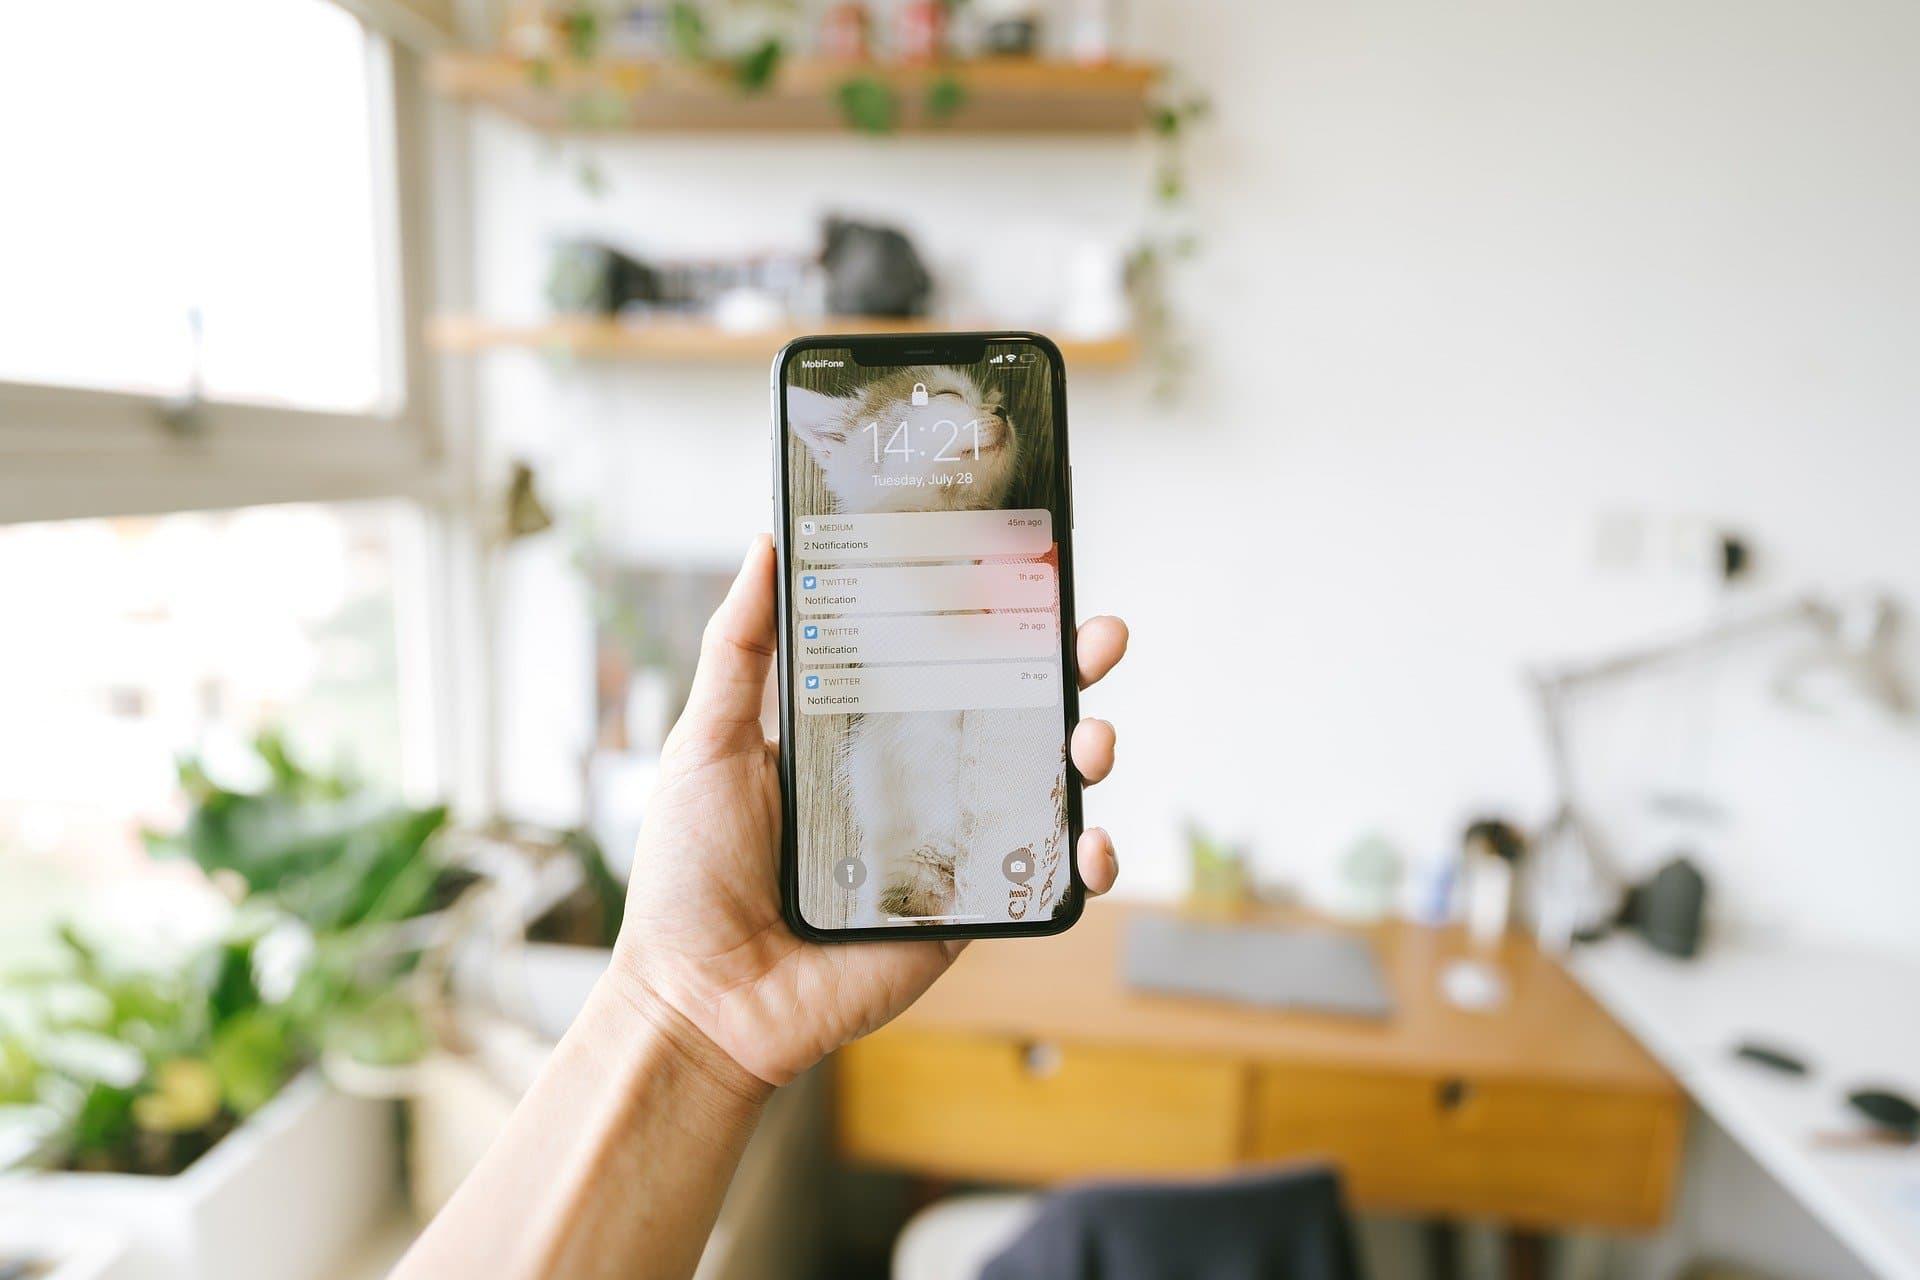 ¿Es malo usar el iPhone mientras se carga?: 6 mitos sobre los smartphones